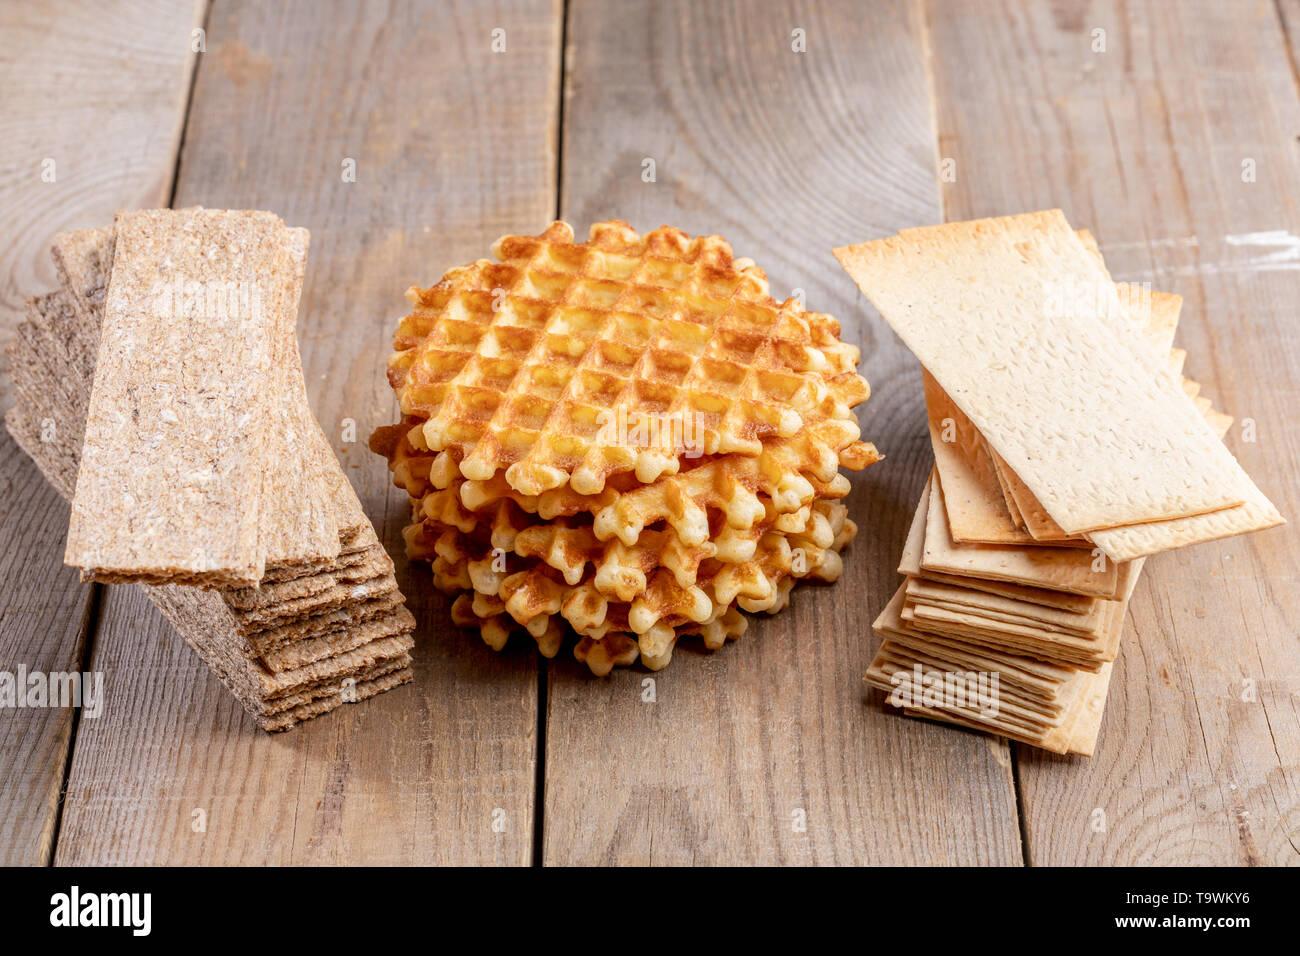 Sweet tour de gaufres et de calories grain sain crispbreads sur de vieilles tables en bois. Des collations saines et malsaines. Photo Stock